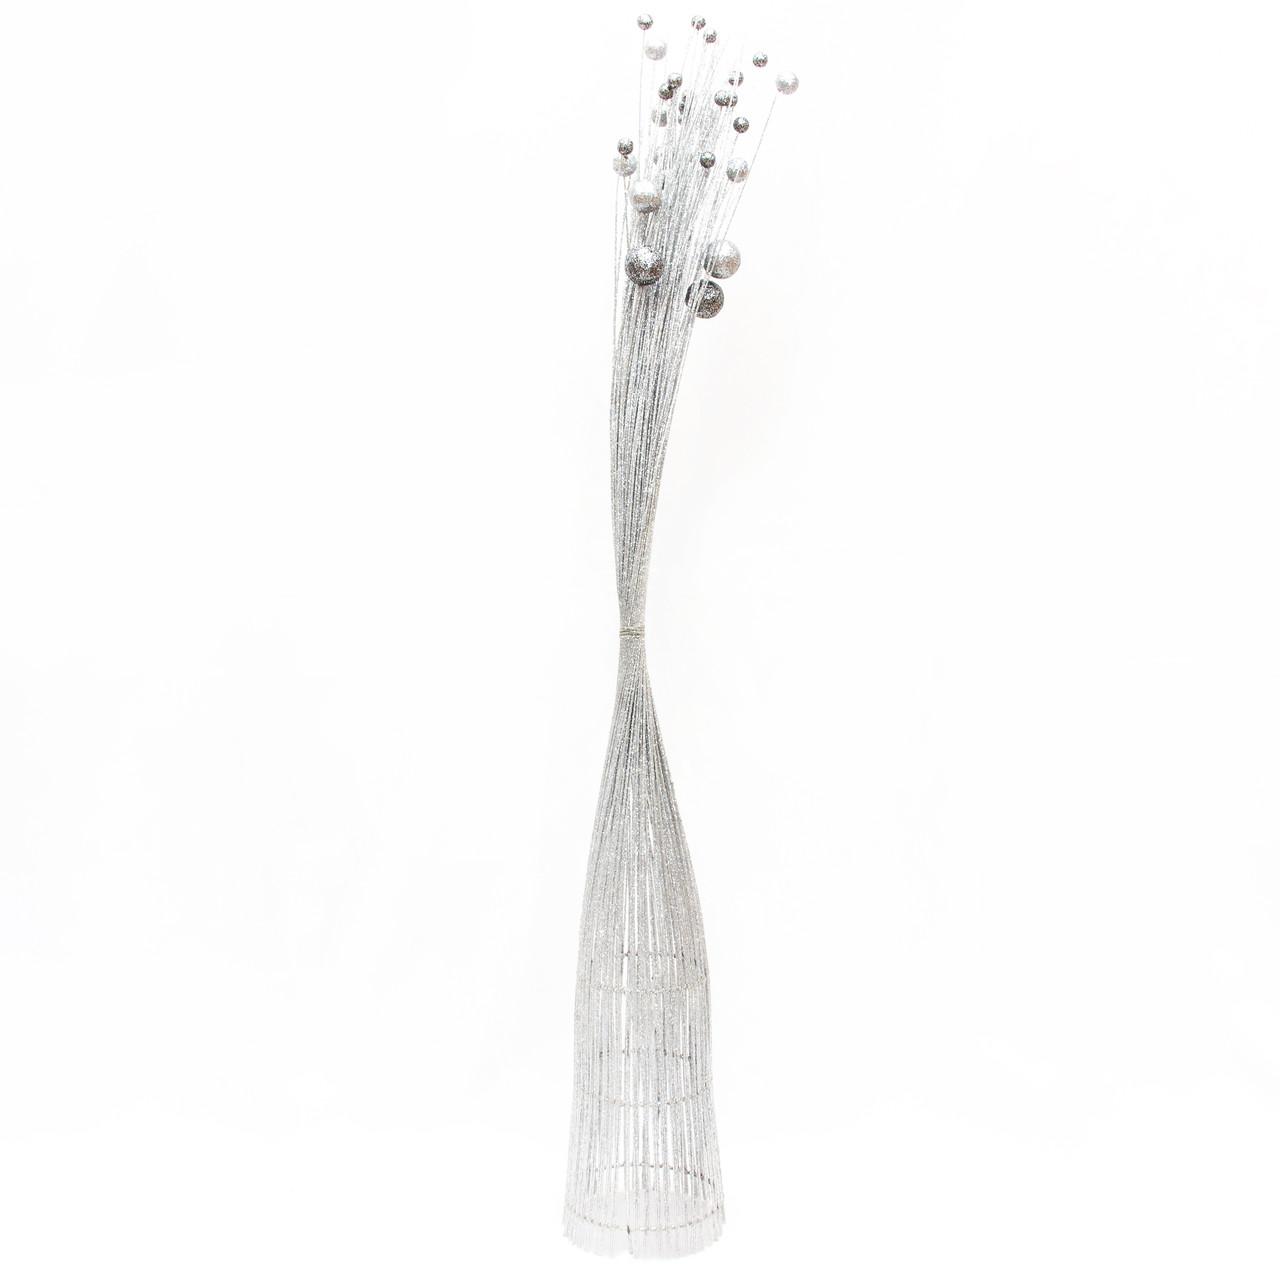 Дерево-ваза 95см, серебро (770076-1)